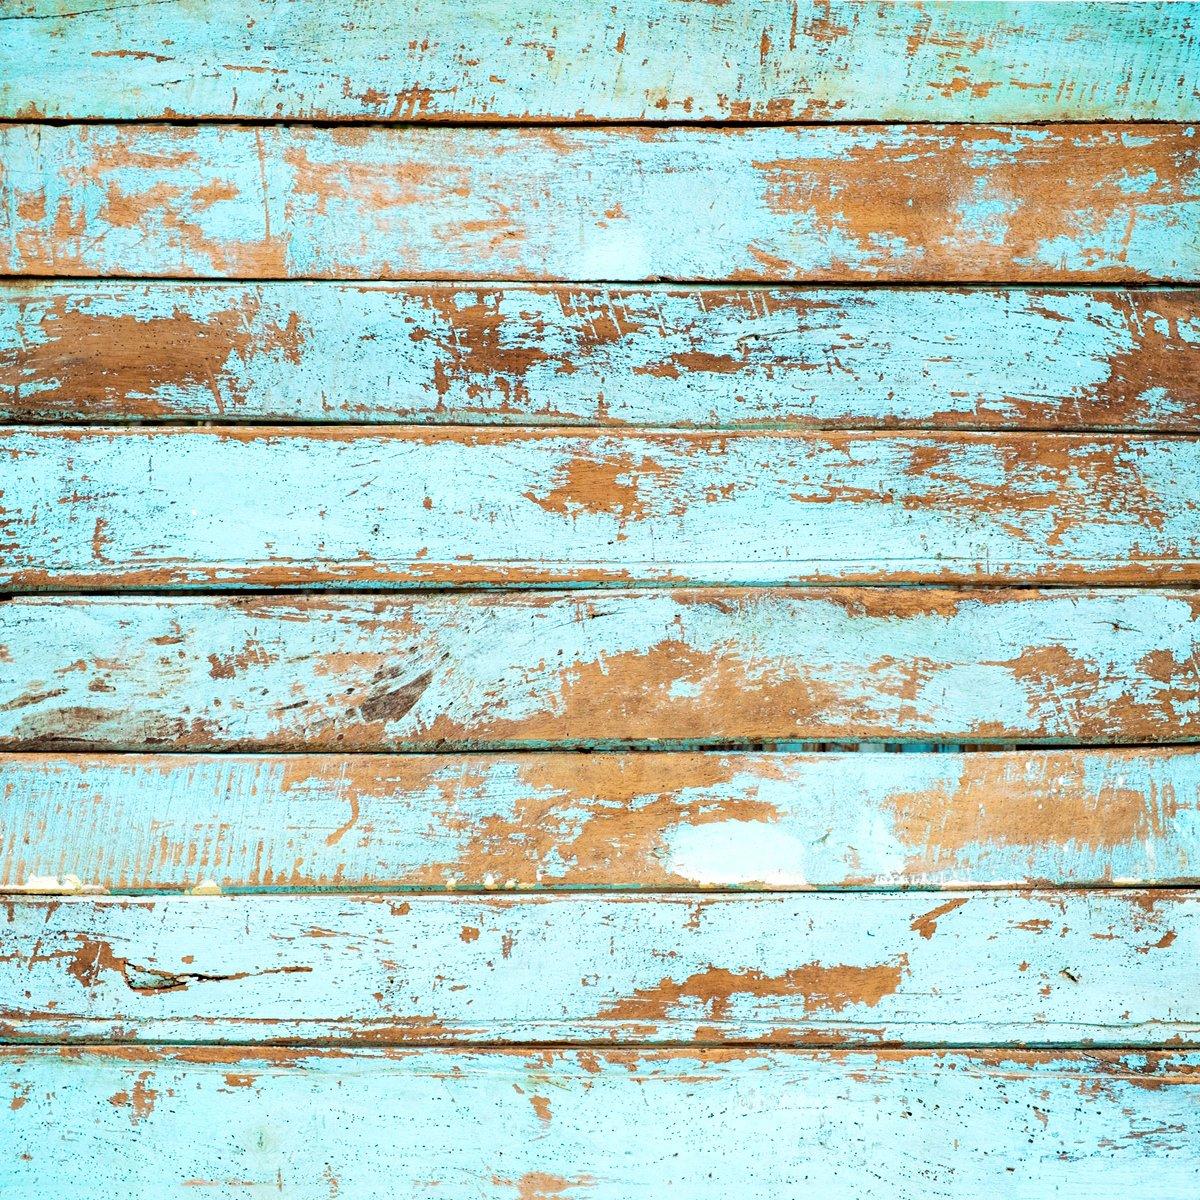 ケイト5 x 7ft150 x 220 cm )ホワイトレンガ壁の背景幕写真レンガ床写真Studio背景のパーティー 10x10ft wood2 B07C95HYGG